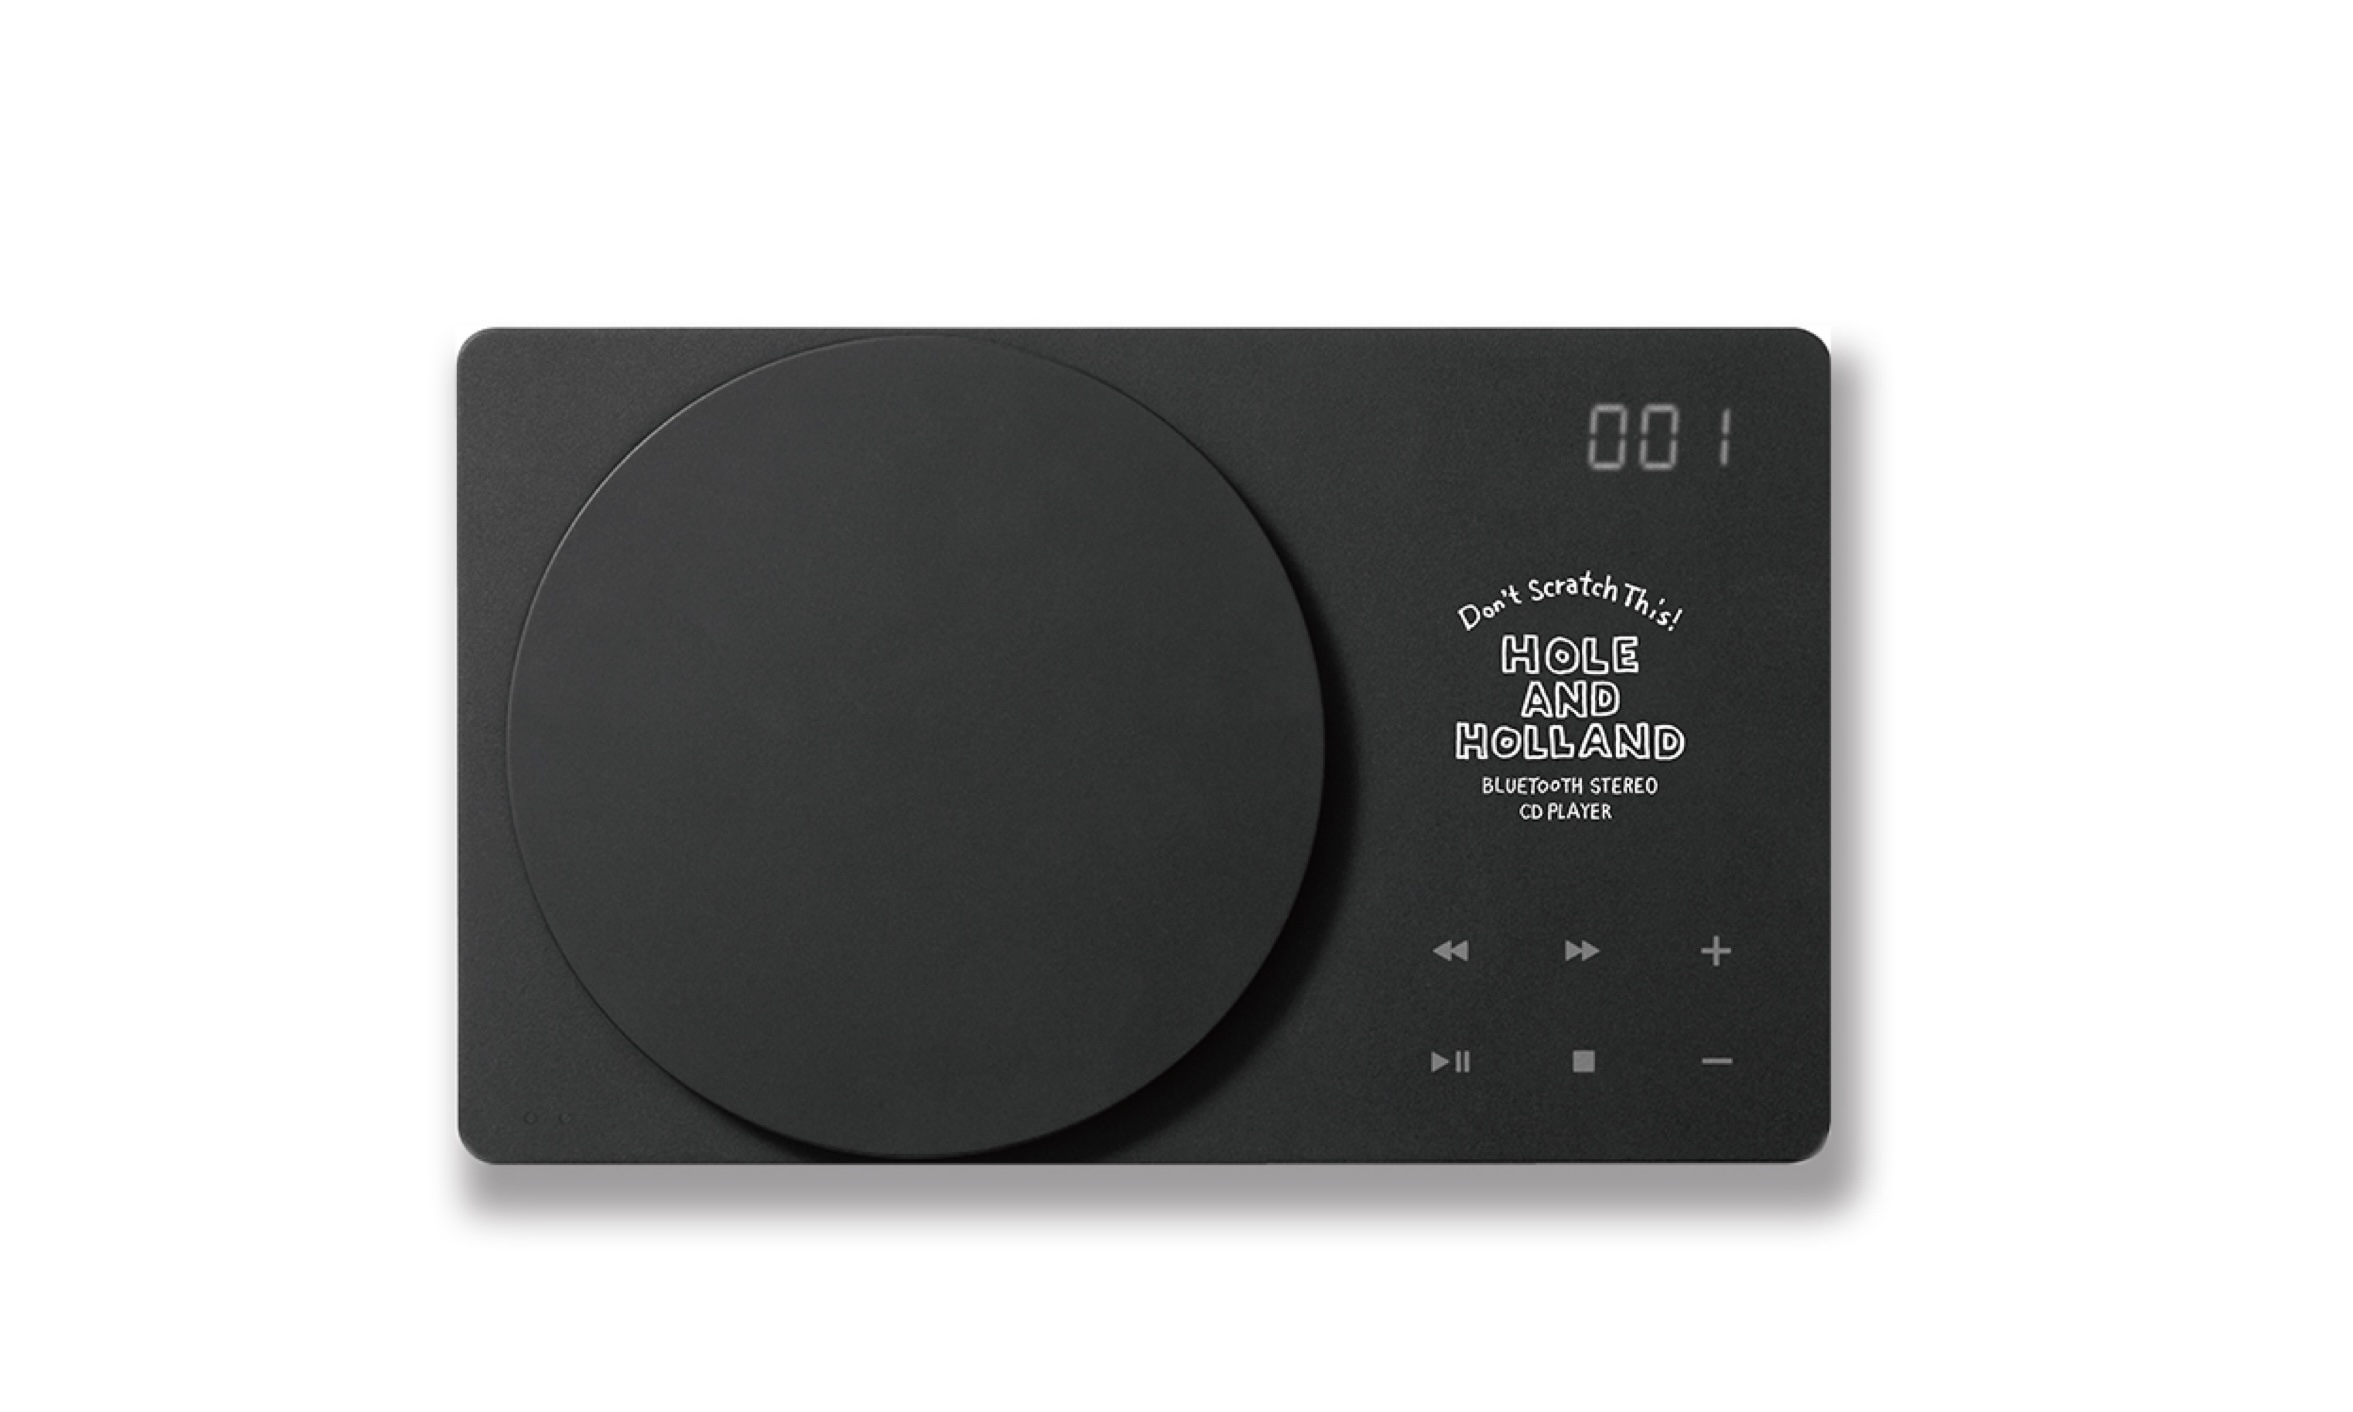 NAIJEL GRAPHデザイン ポータブルCDプレーヤー特別モデル発売